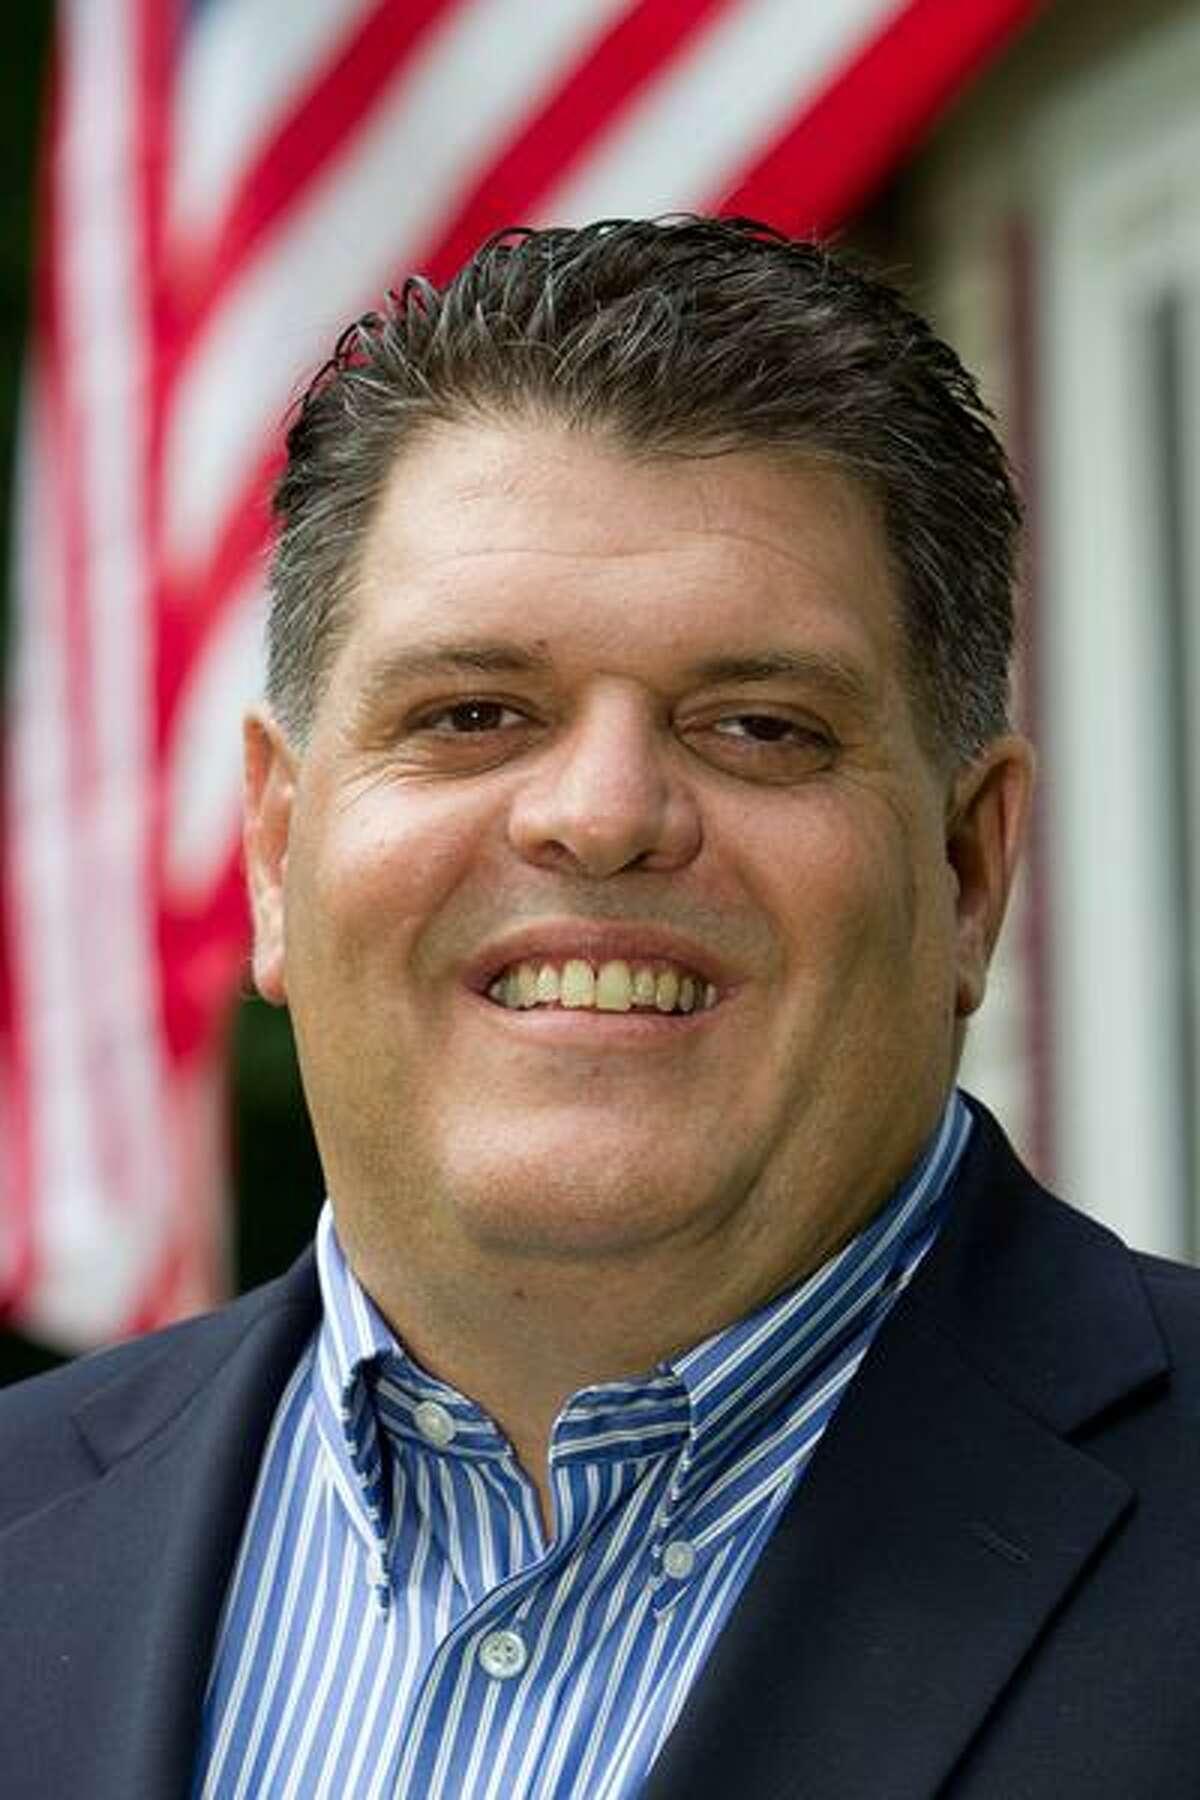 State Rep. Dave Rutigliano, R- Trumbull.